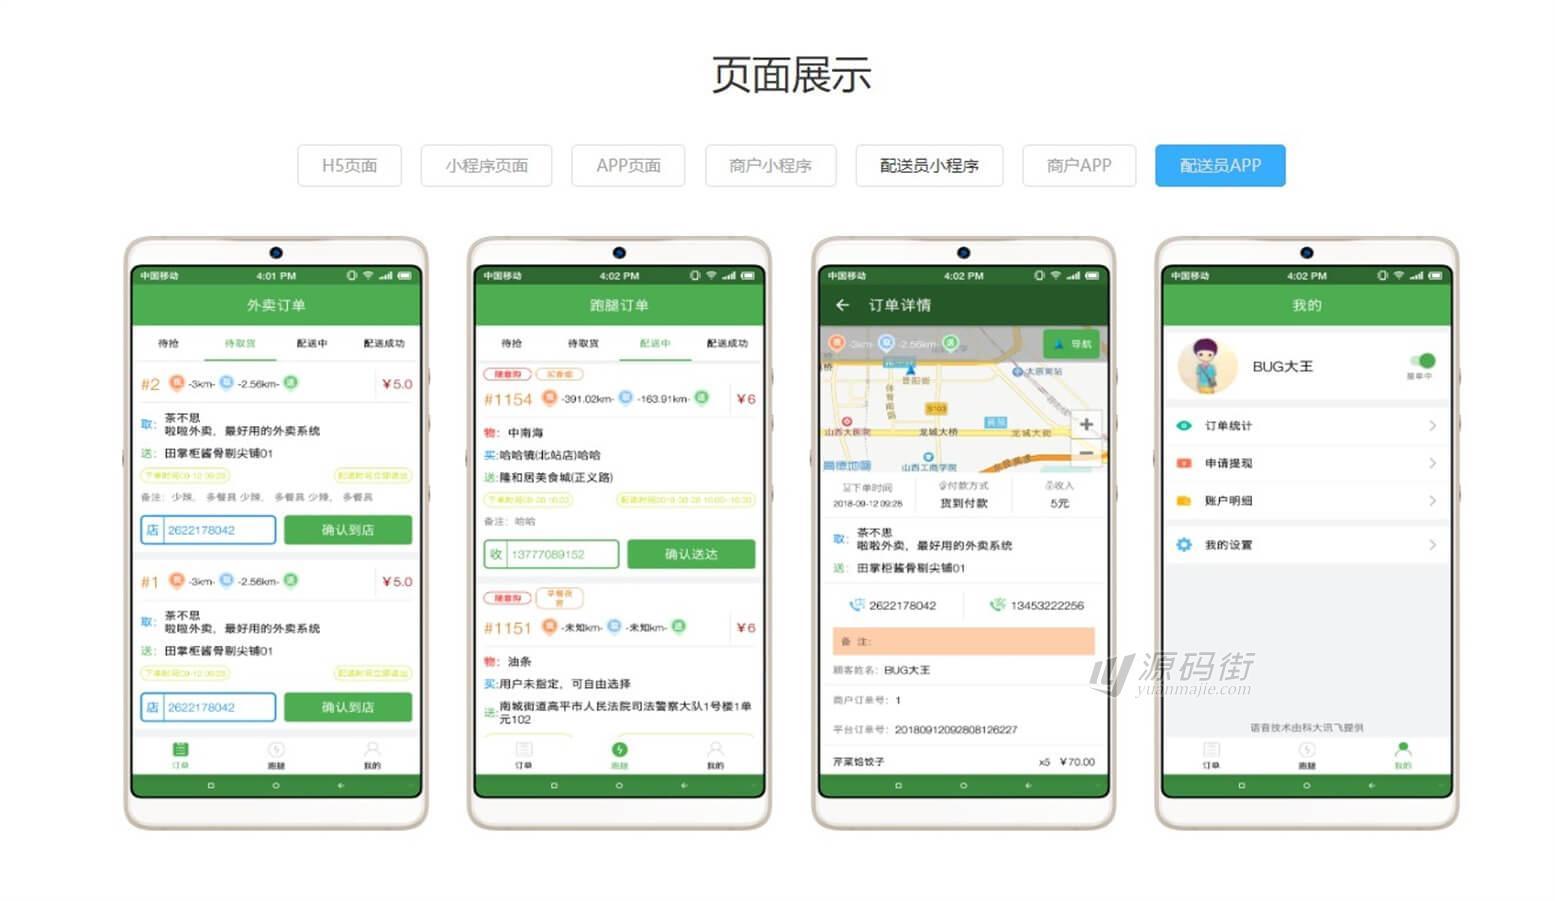 啦啦外卖餐饮跑腿小程序v 30.5.0完整版+多端前端+App+全插件-9